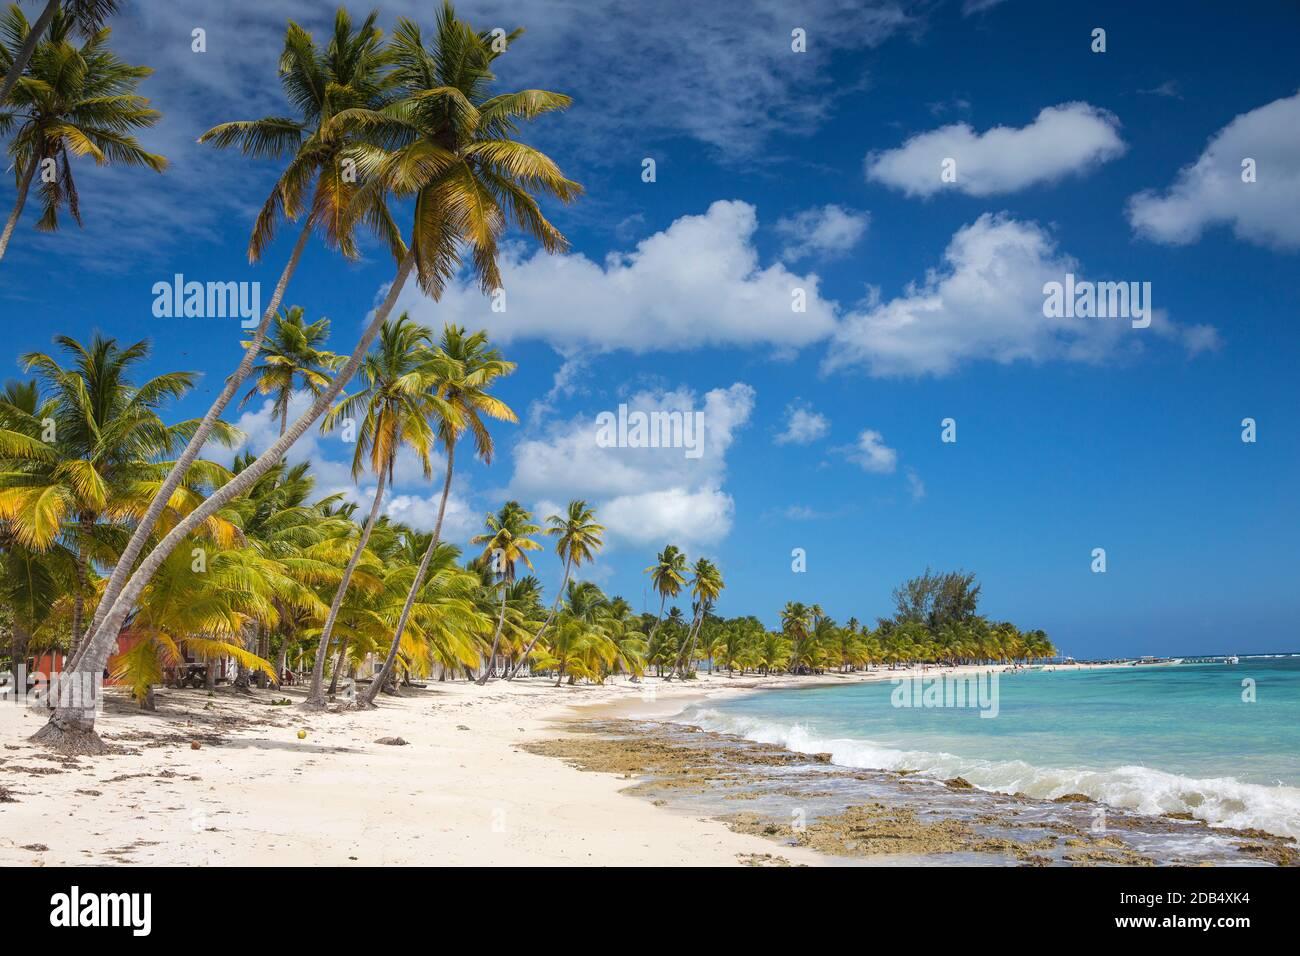 République dominicaine, Punta Cana, Parque Nacional del Este, l'île de Saona, Mano Juan, un pittoresque village de pêcheurs Banque D'Images